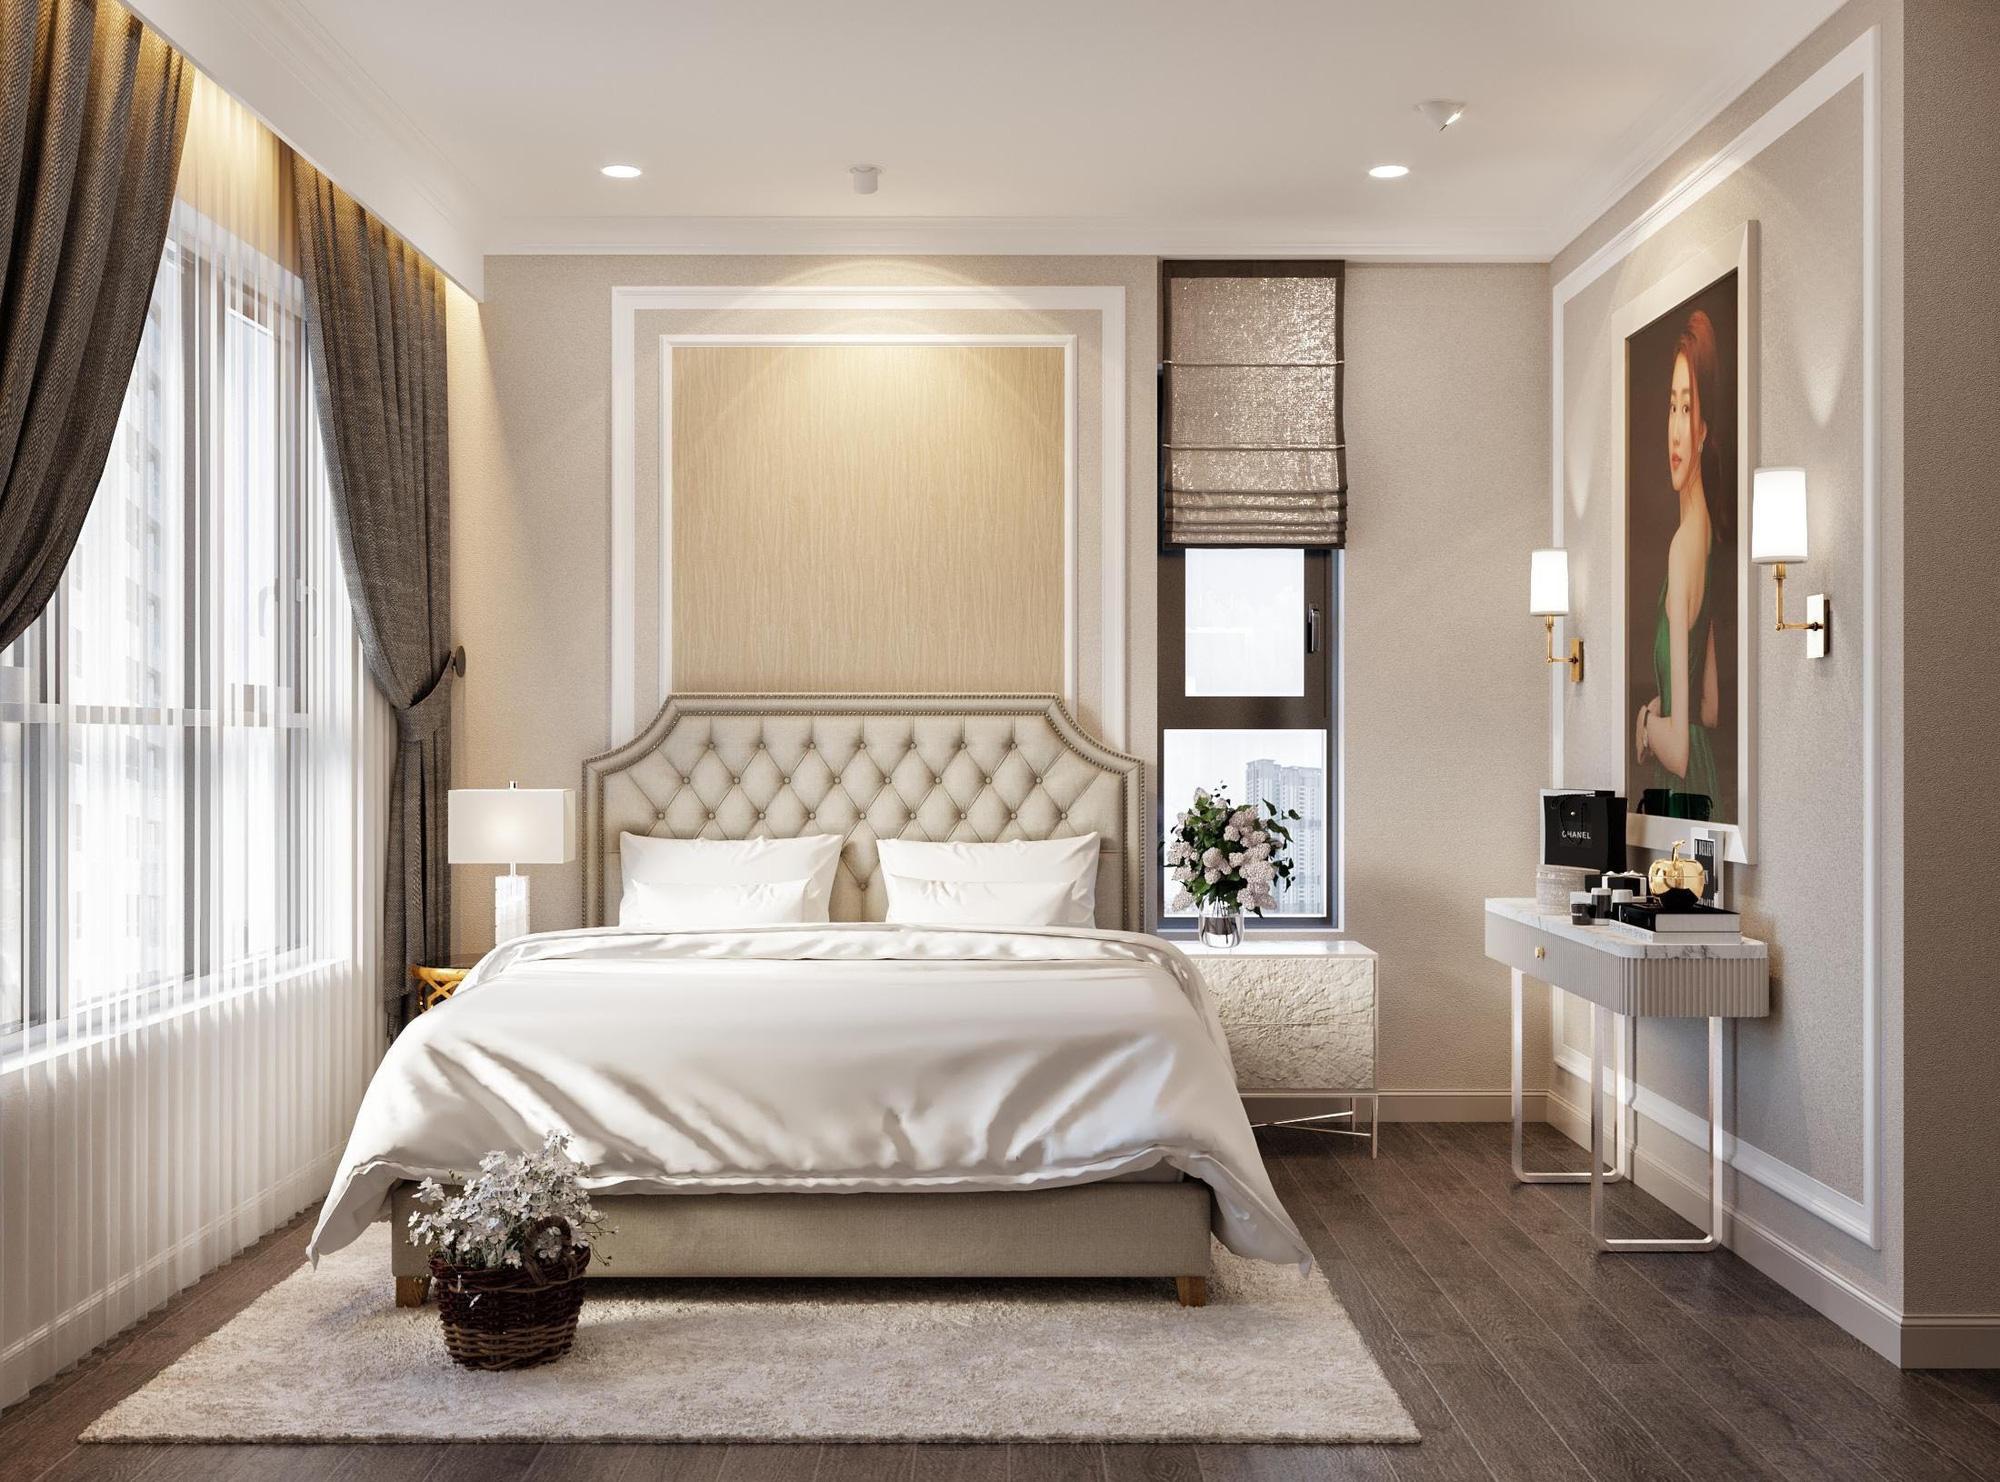 Hồng Loan khoe nhà mới gần 6 tỷ đẹp như khách sạn hạng sang hậu chia tay, Tiến Linh có tiếc? - Ảnh 4.